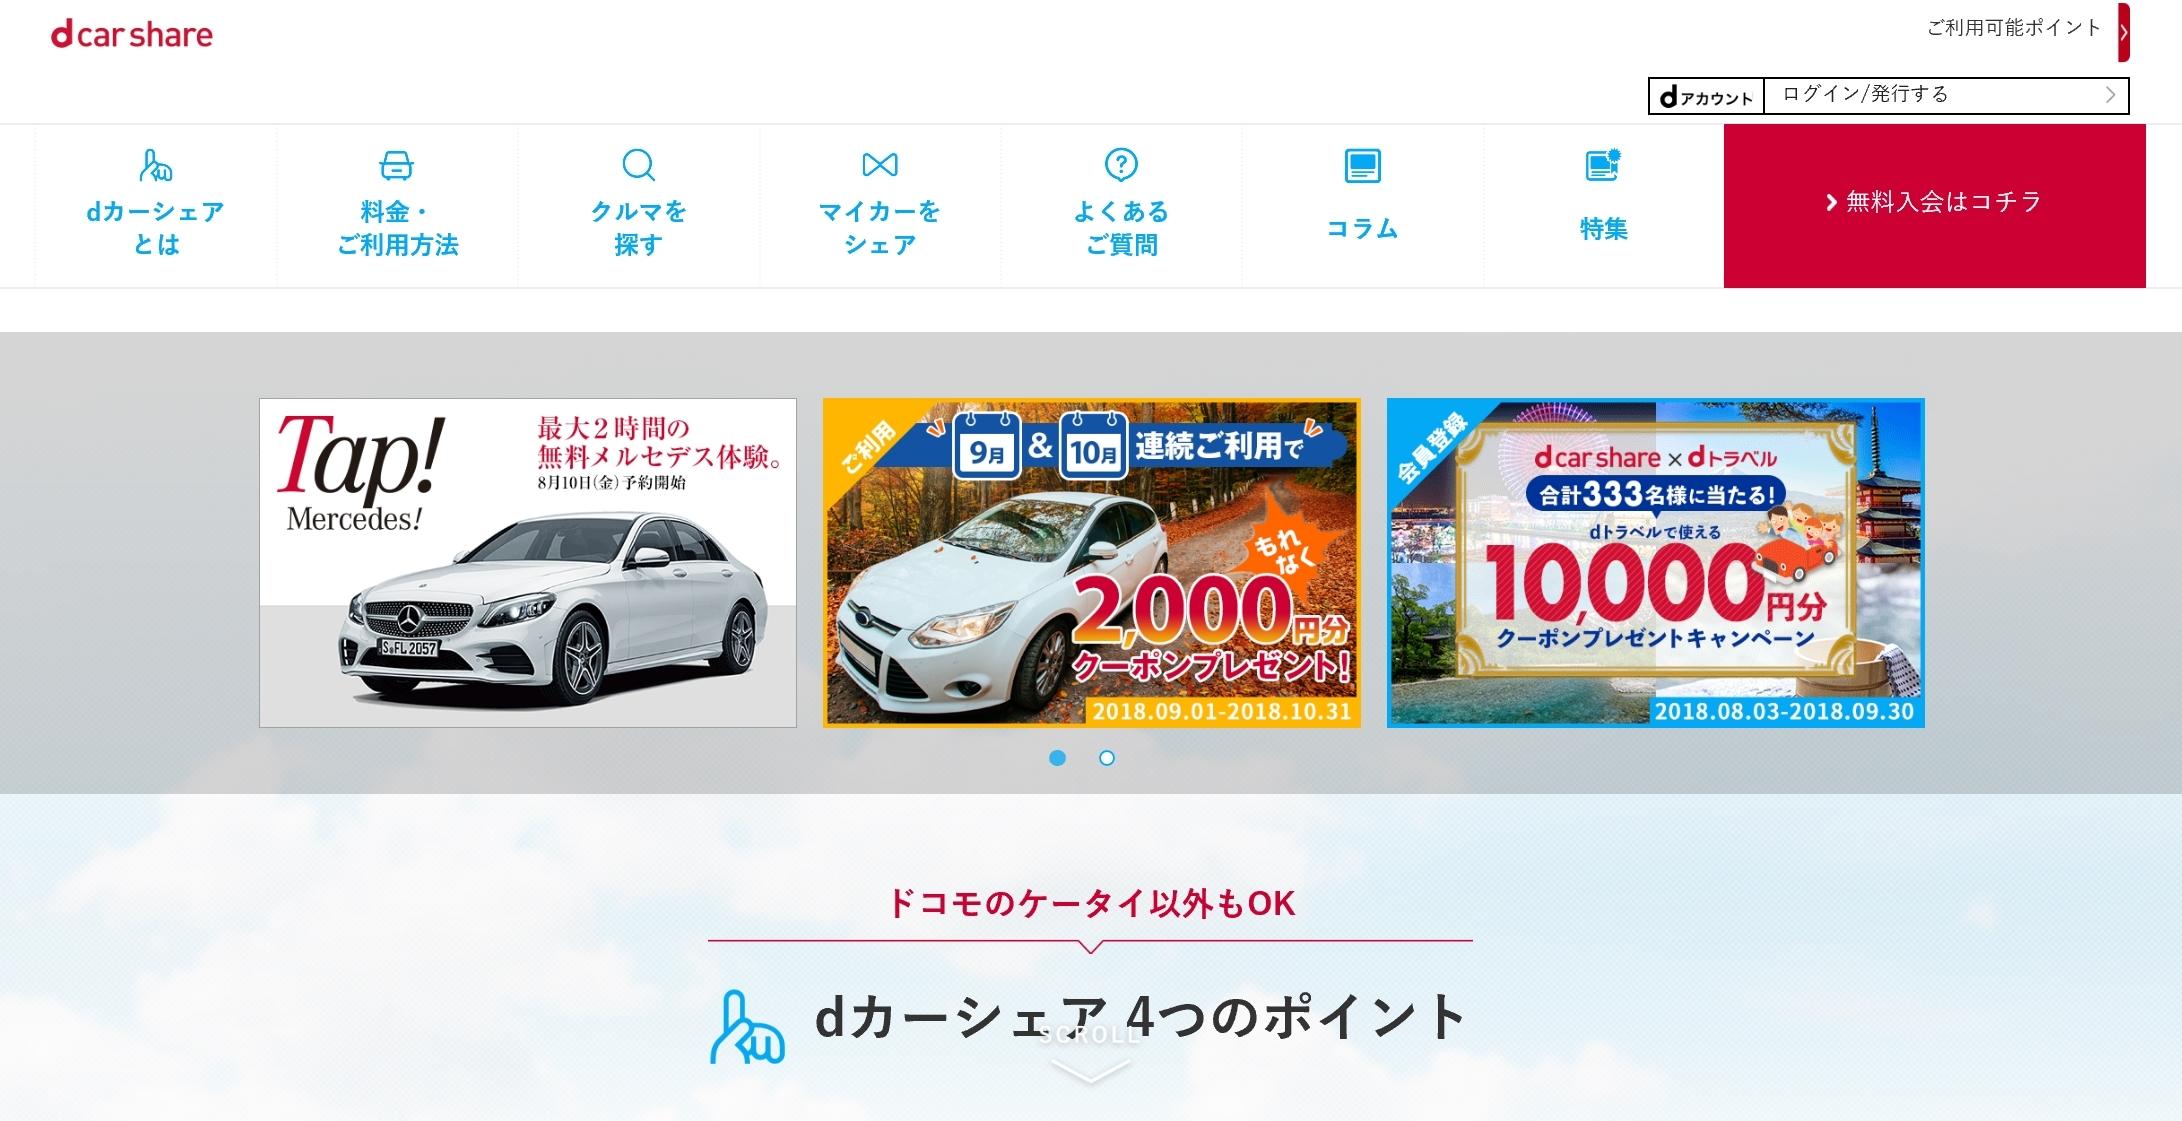 個人所有の車をレンタルできるカーシェアリング | 宇都宮駅前周辺ガイド